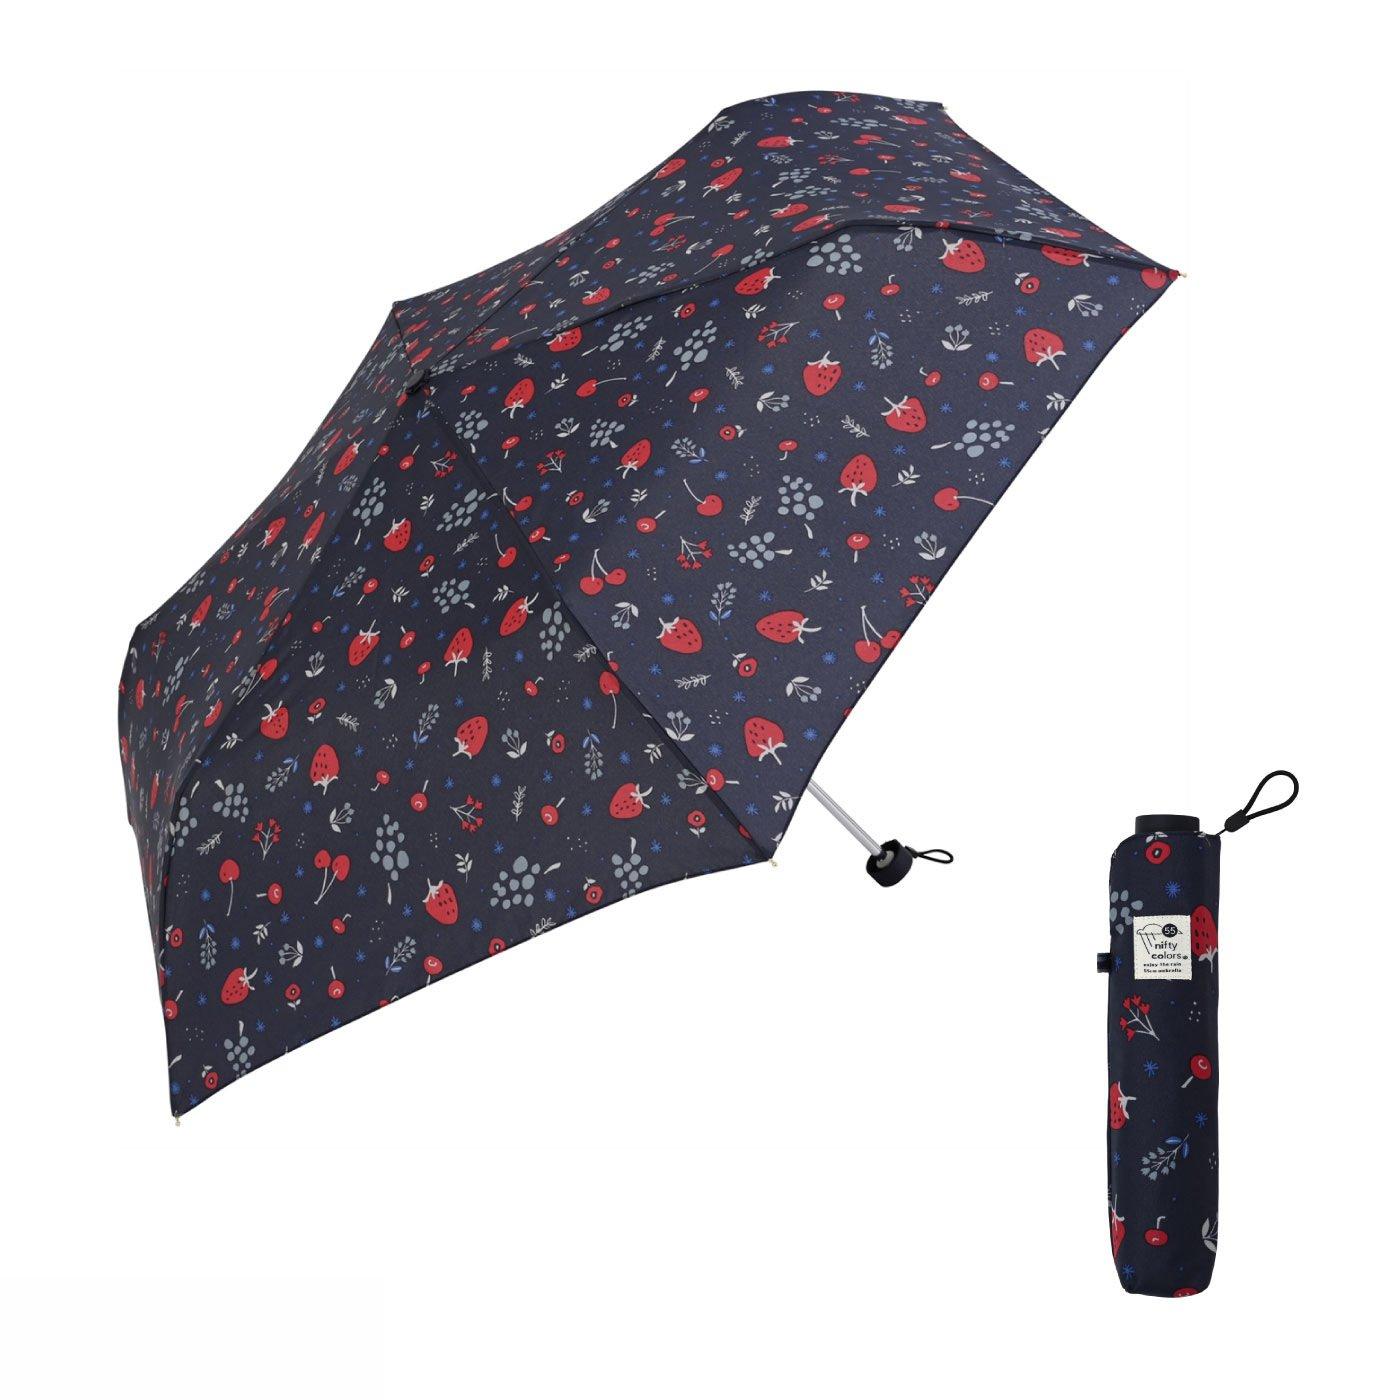 大人が持ちたいいちご柄 ちょっと大きめ55cmのフルーツ雨傘